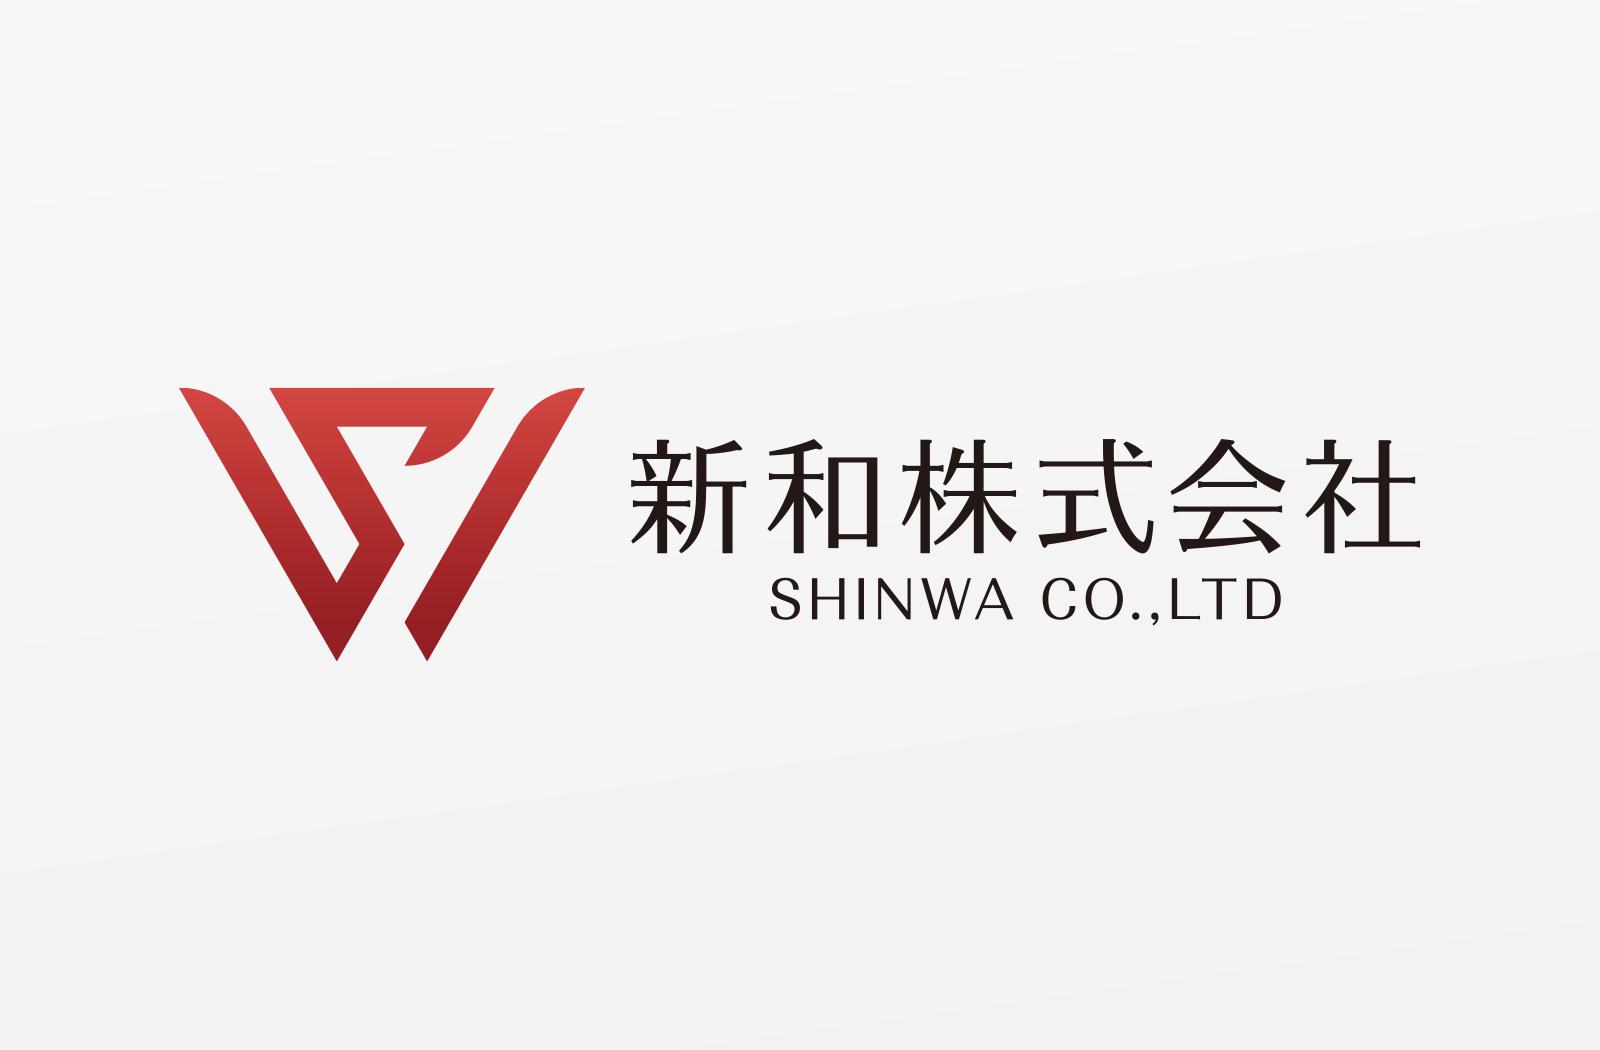 中古工作機械の買取及び輸出入業務、不動産売買業務の「新和株式会社」様のロゴデザイン